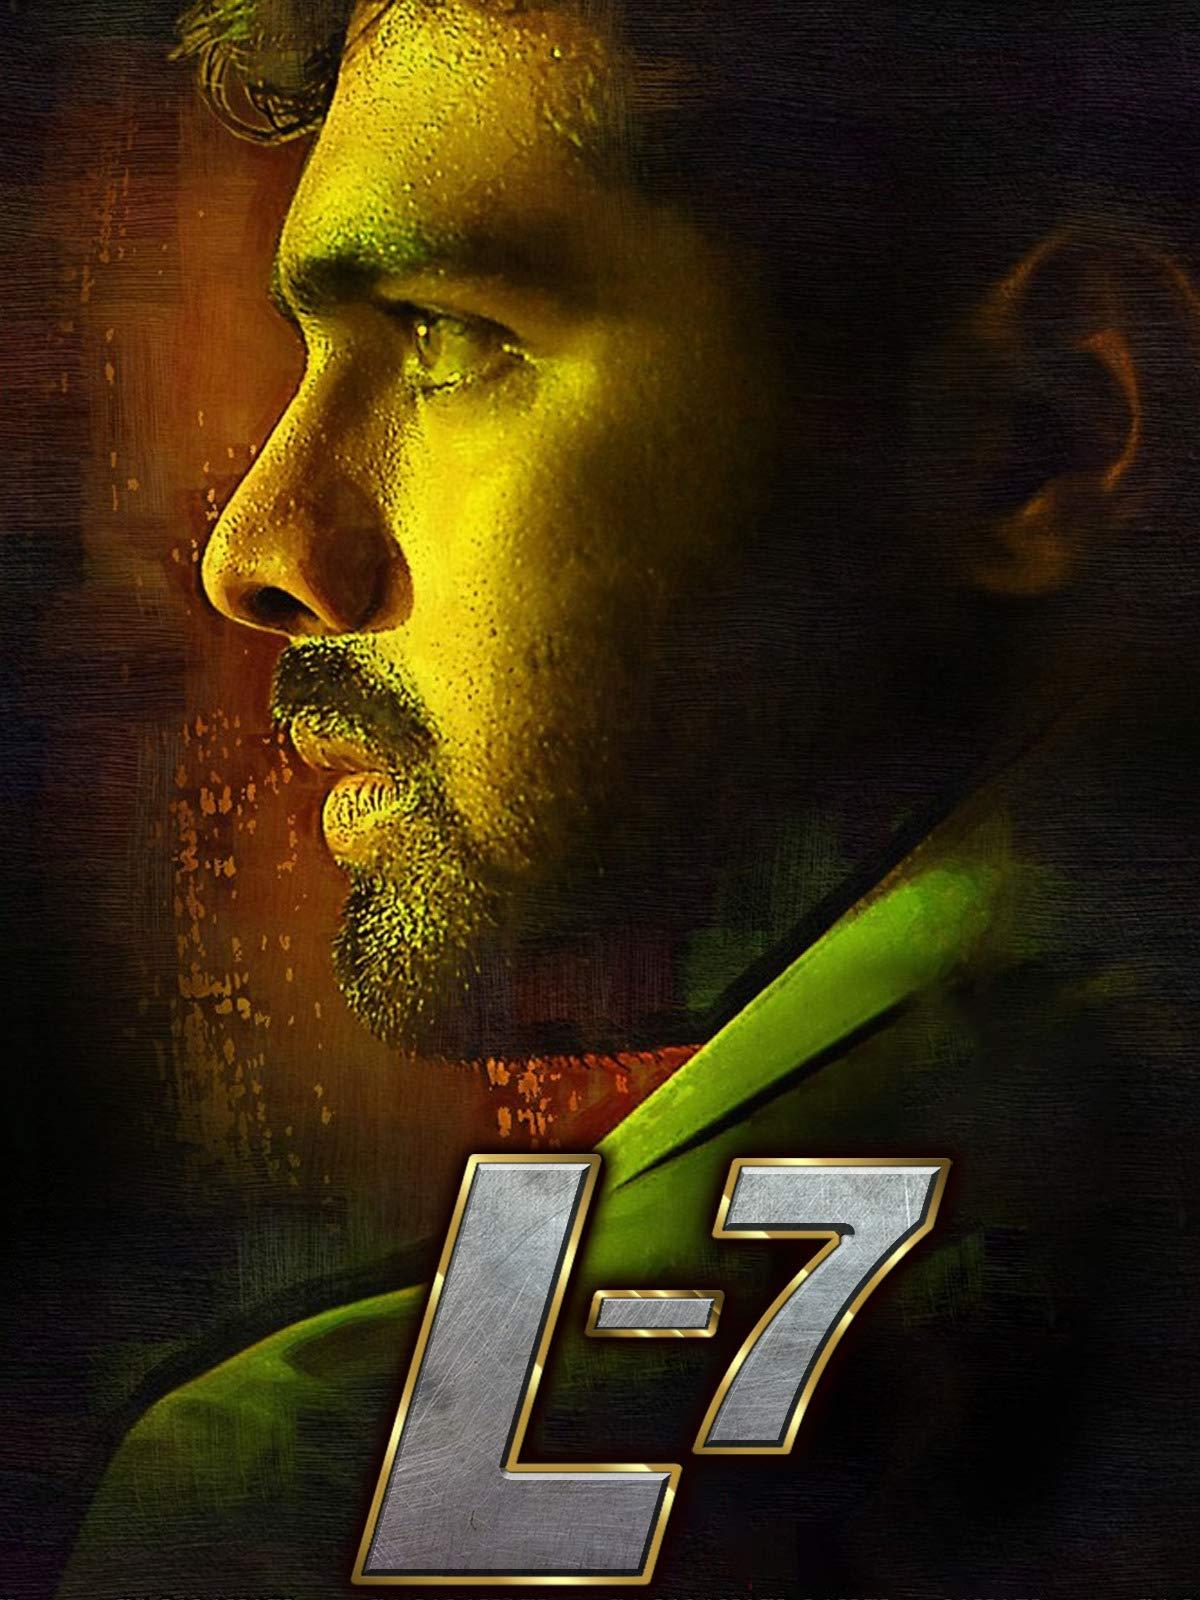 L7 (Hindi)